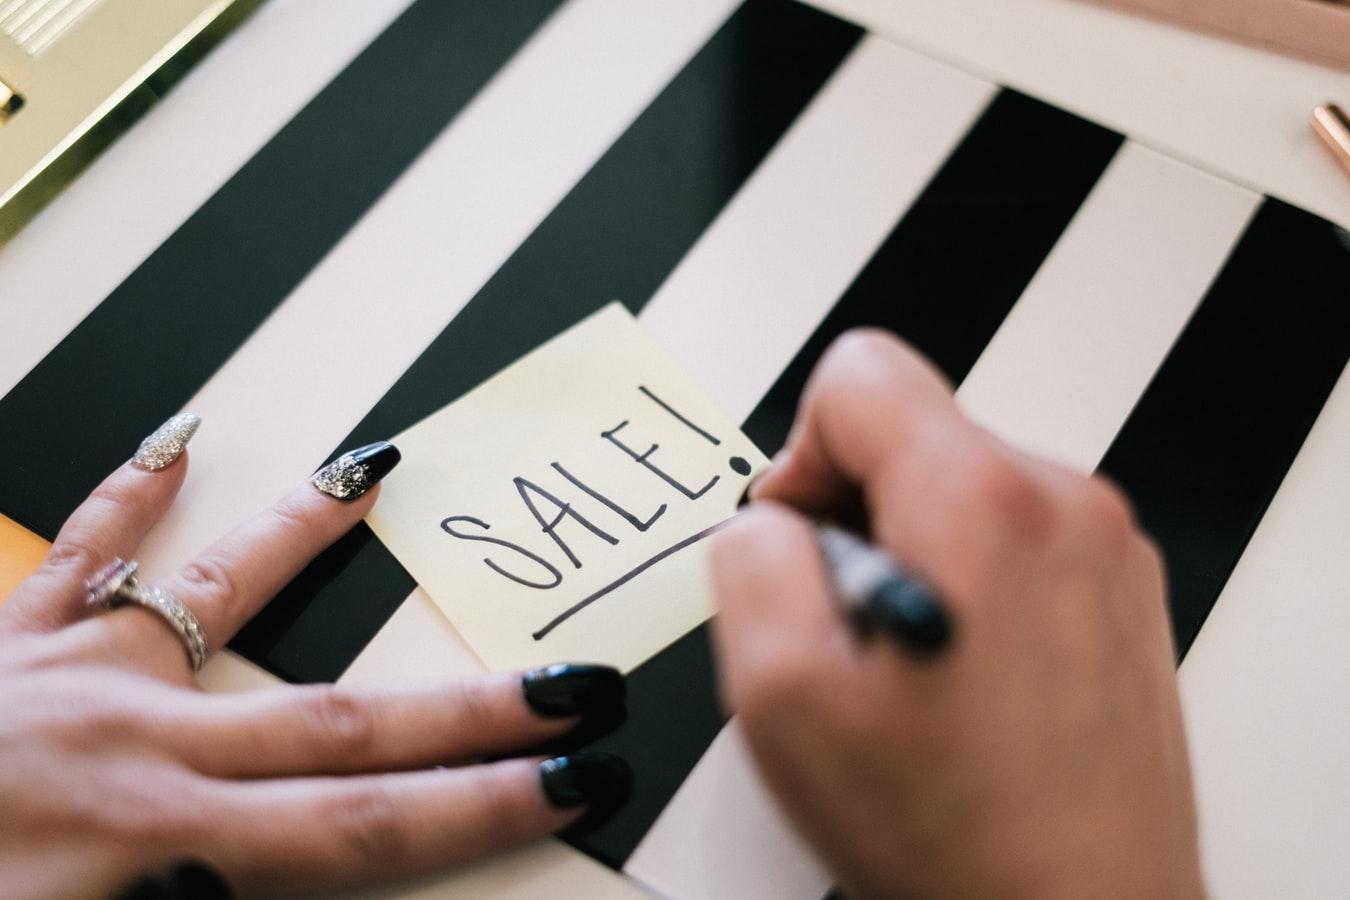 Des experts en marketing e-commerce : votre clientèle et votre image